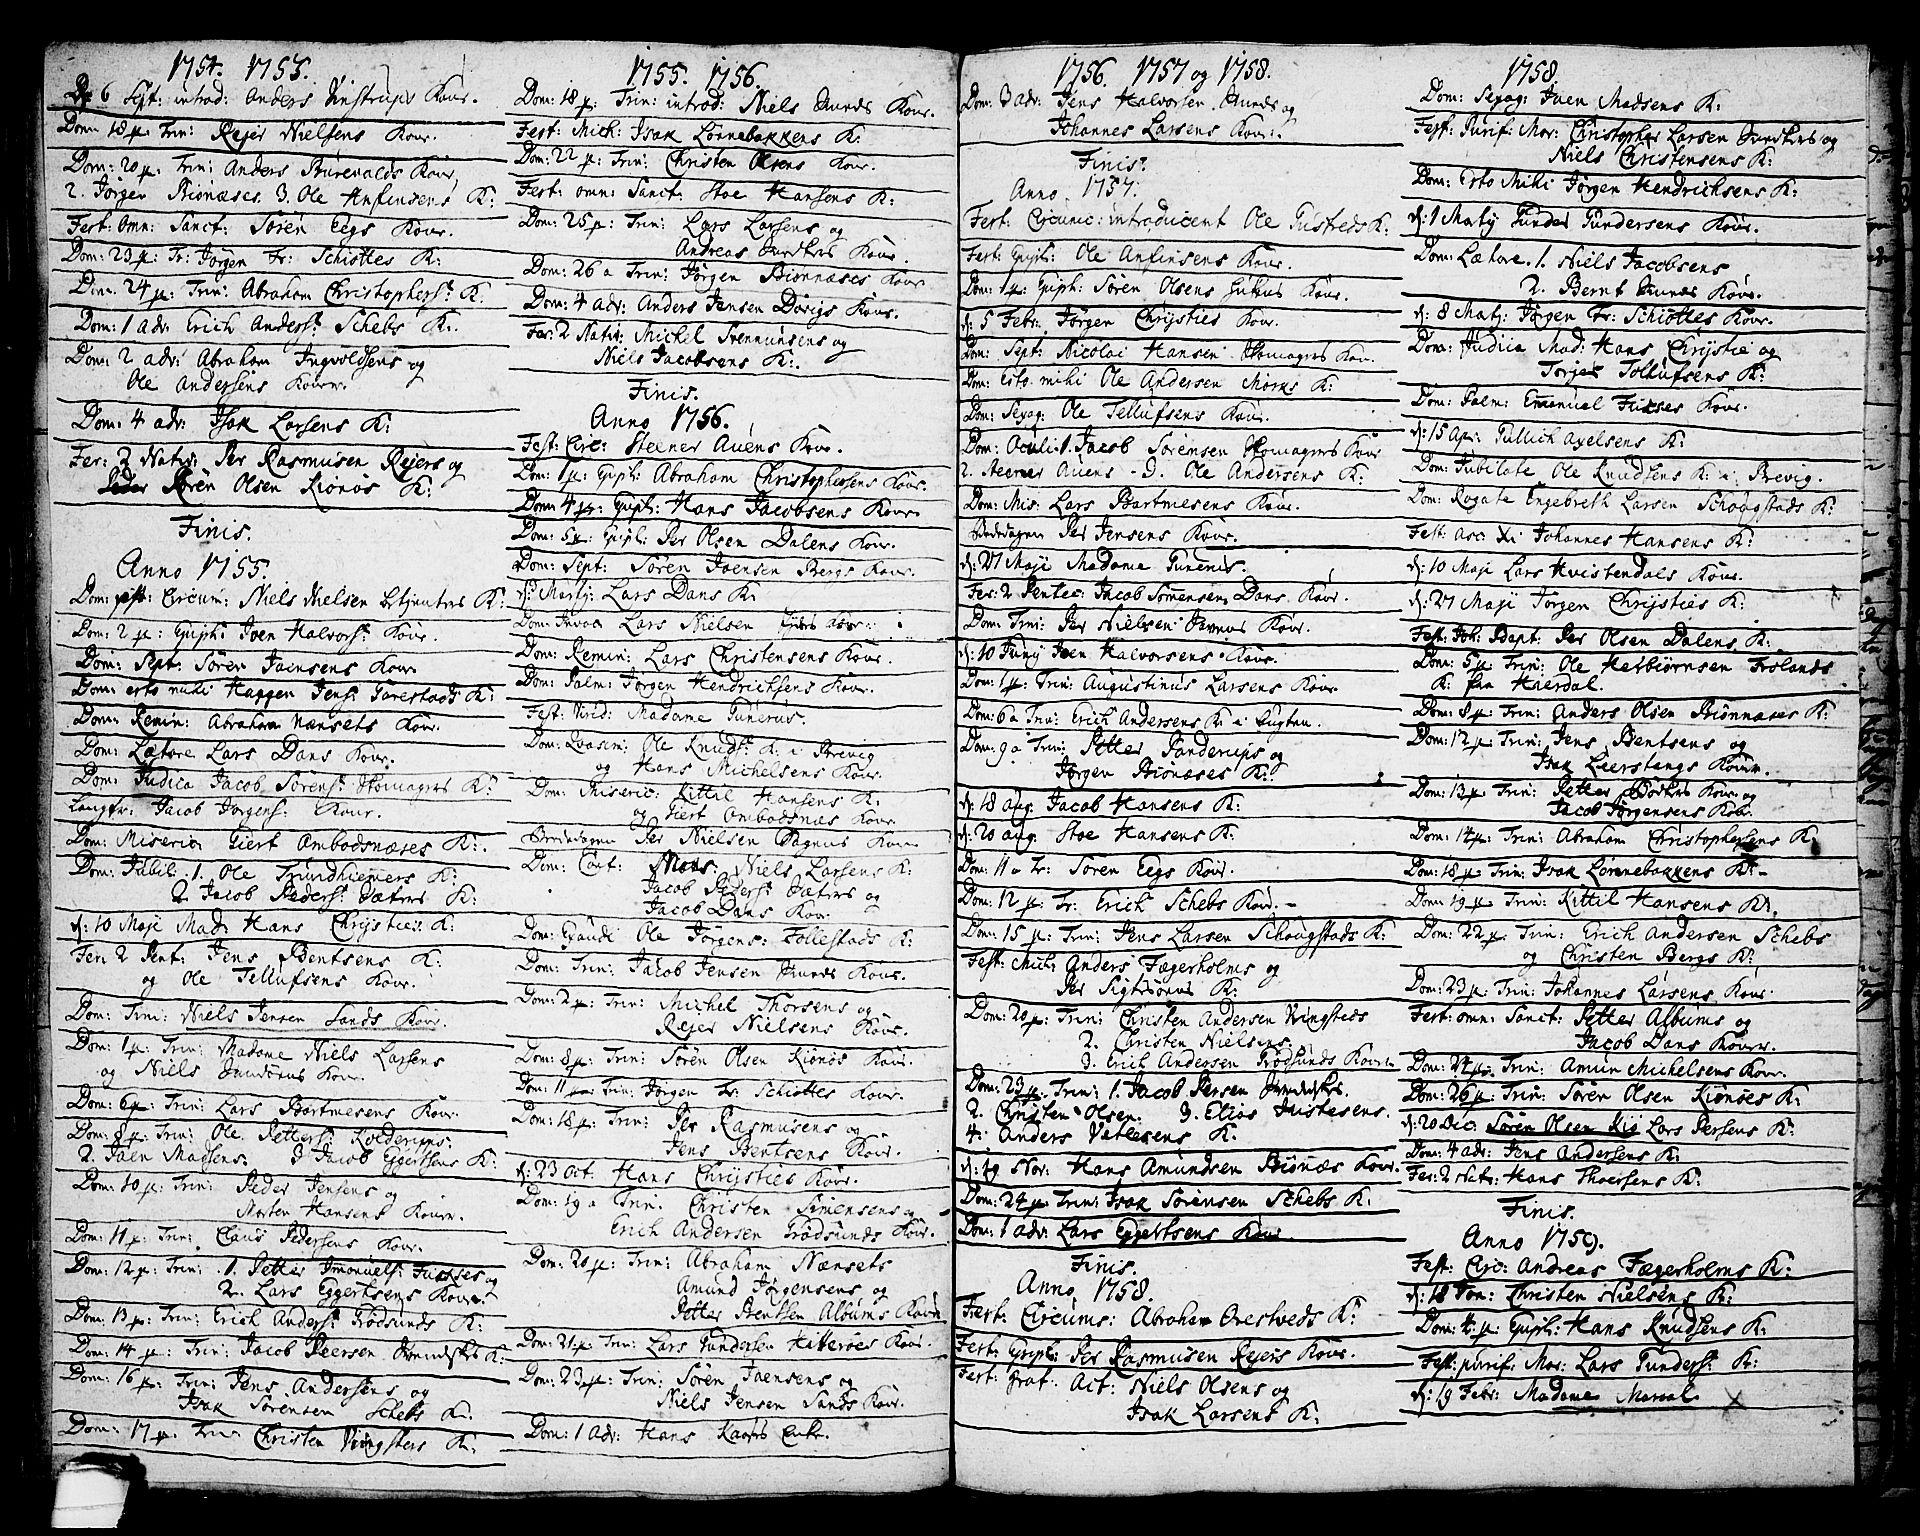 SAKO, Brevik kirkebøker, F/Fa/L0002: Ministerialbok nr. 2, 1720-1764, s. 47c